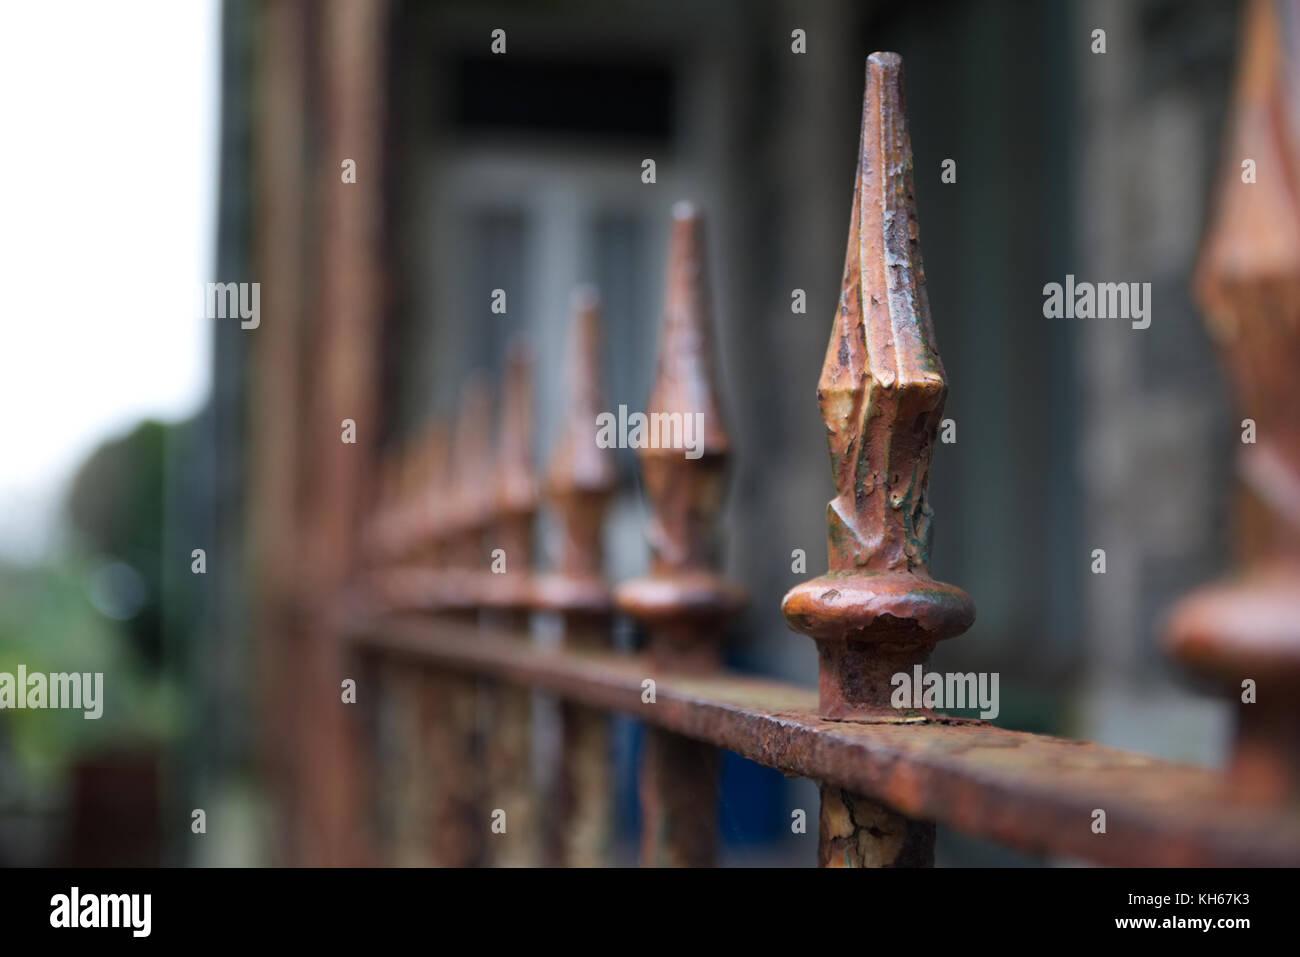 Tolle Drahtzaun Entfernung Bilder - Elektrische Schaltplan-Ideen ...